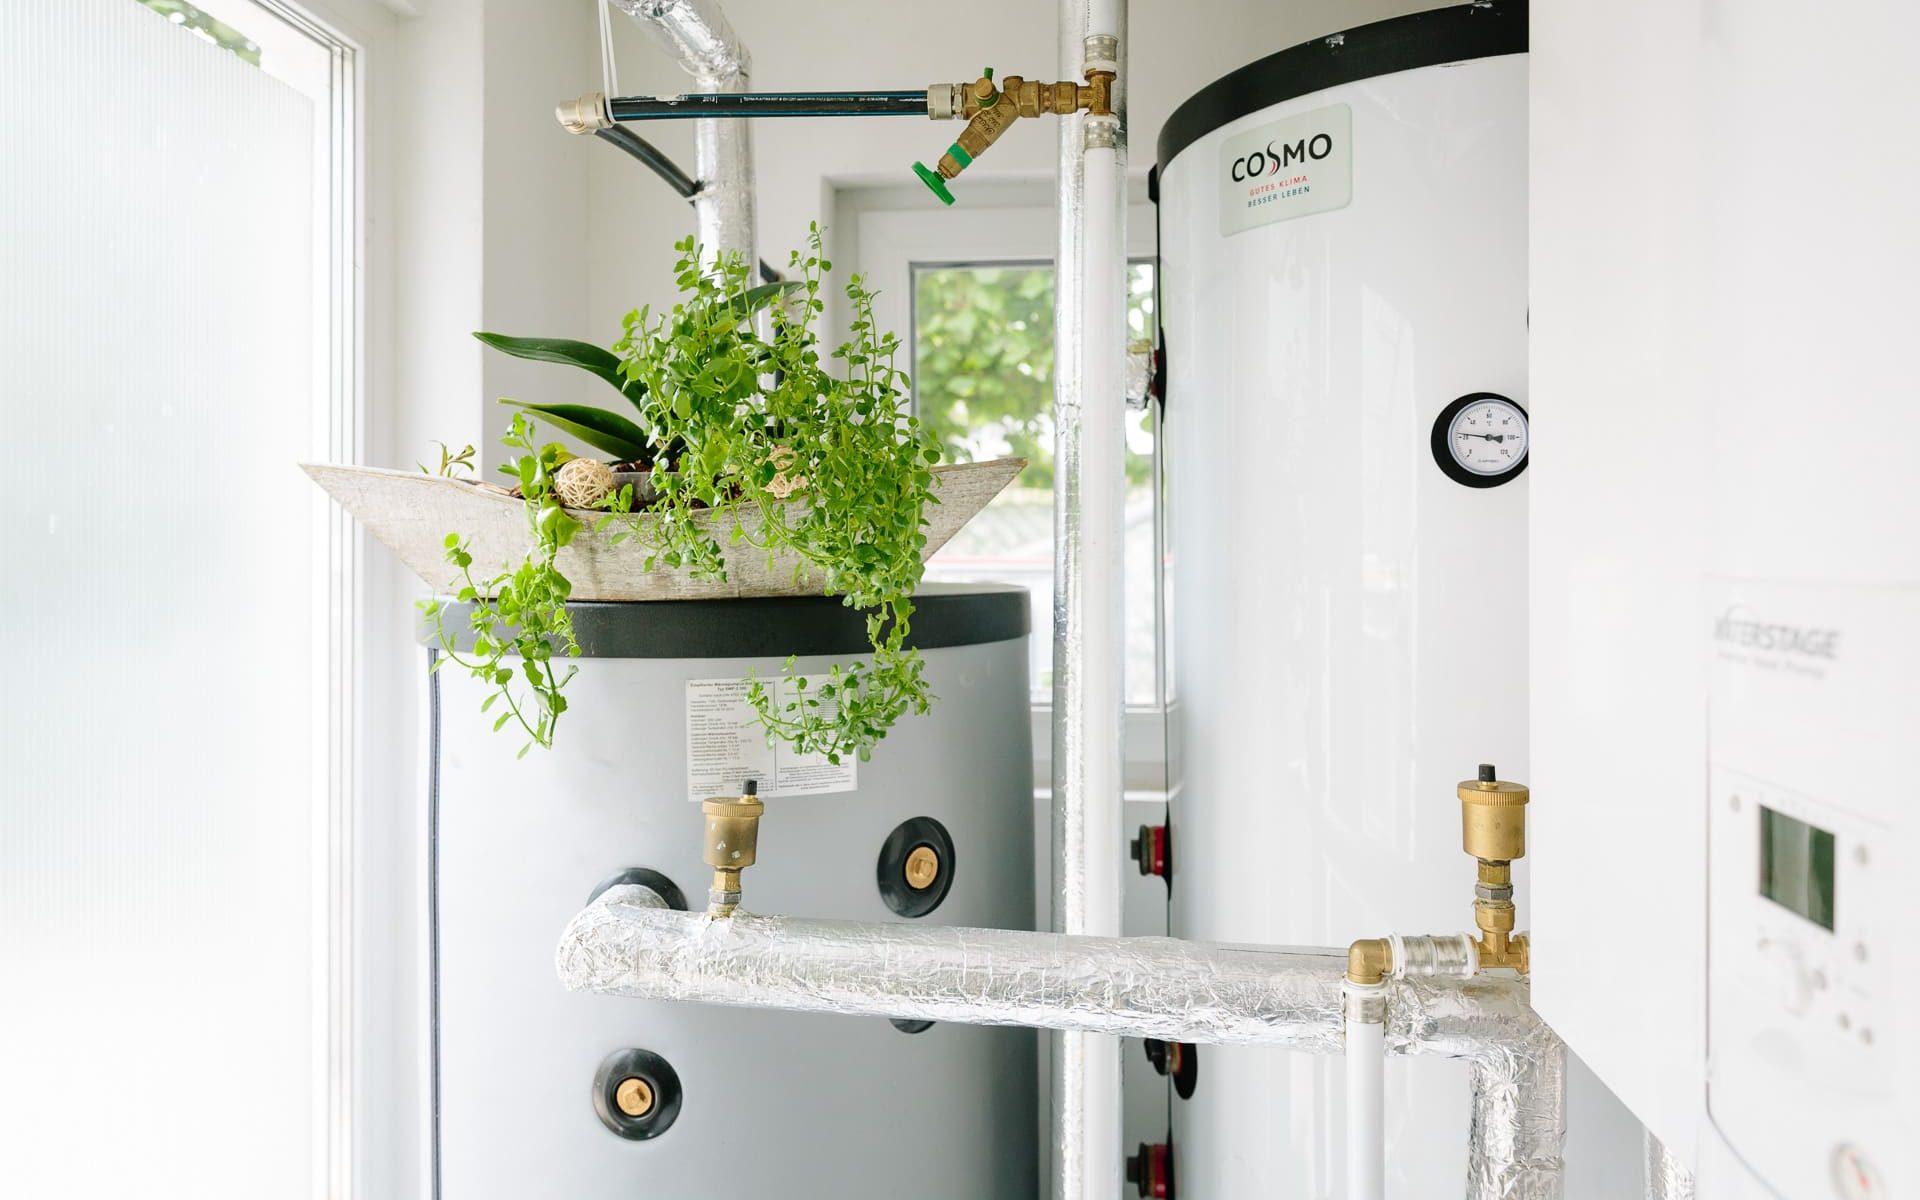 Pufferspeicher mit Pflanze und Wärmepumpen-Inneneinheit im Hauswirtschaftsraum